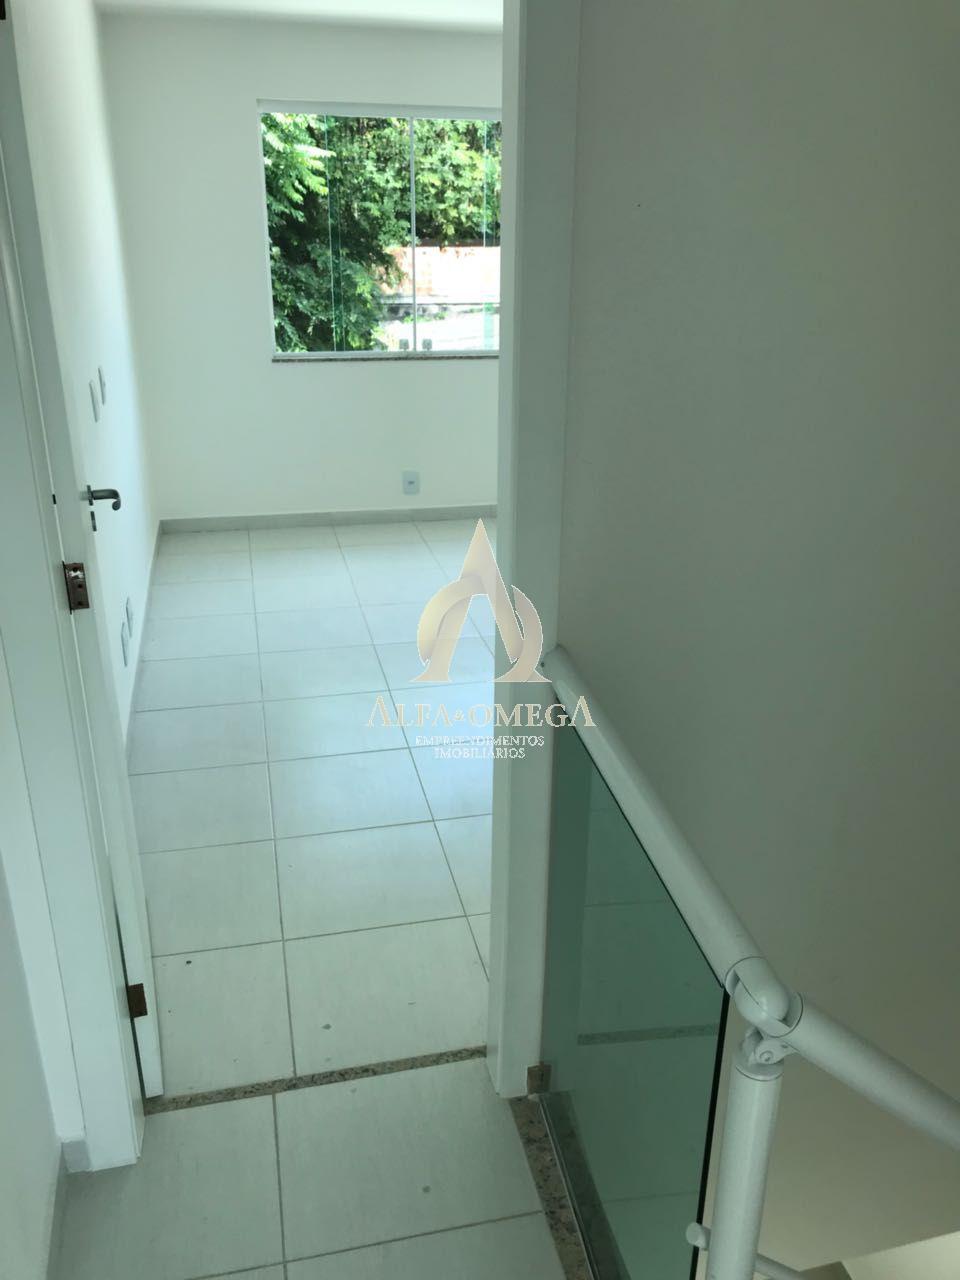 FOTO 7 - Casa 3 quartos à venda Taquara, Rio de Janeiro - R$ 452.000 - AOJ60015 - 7